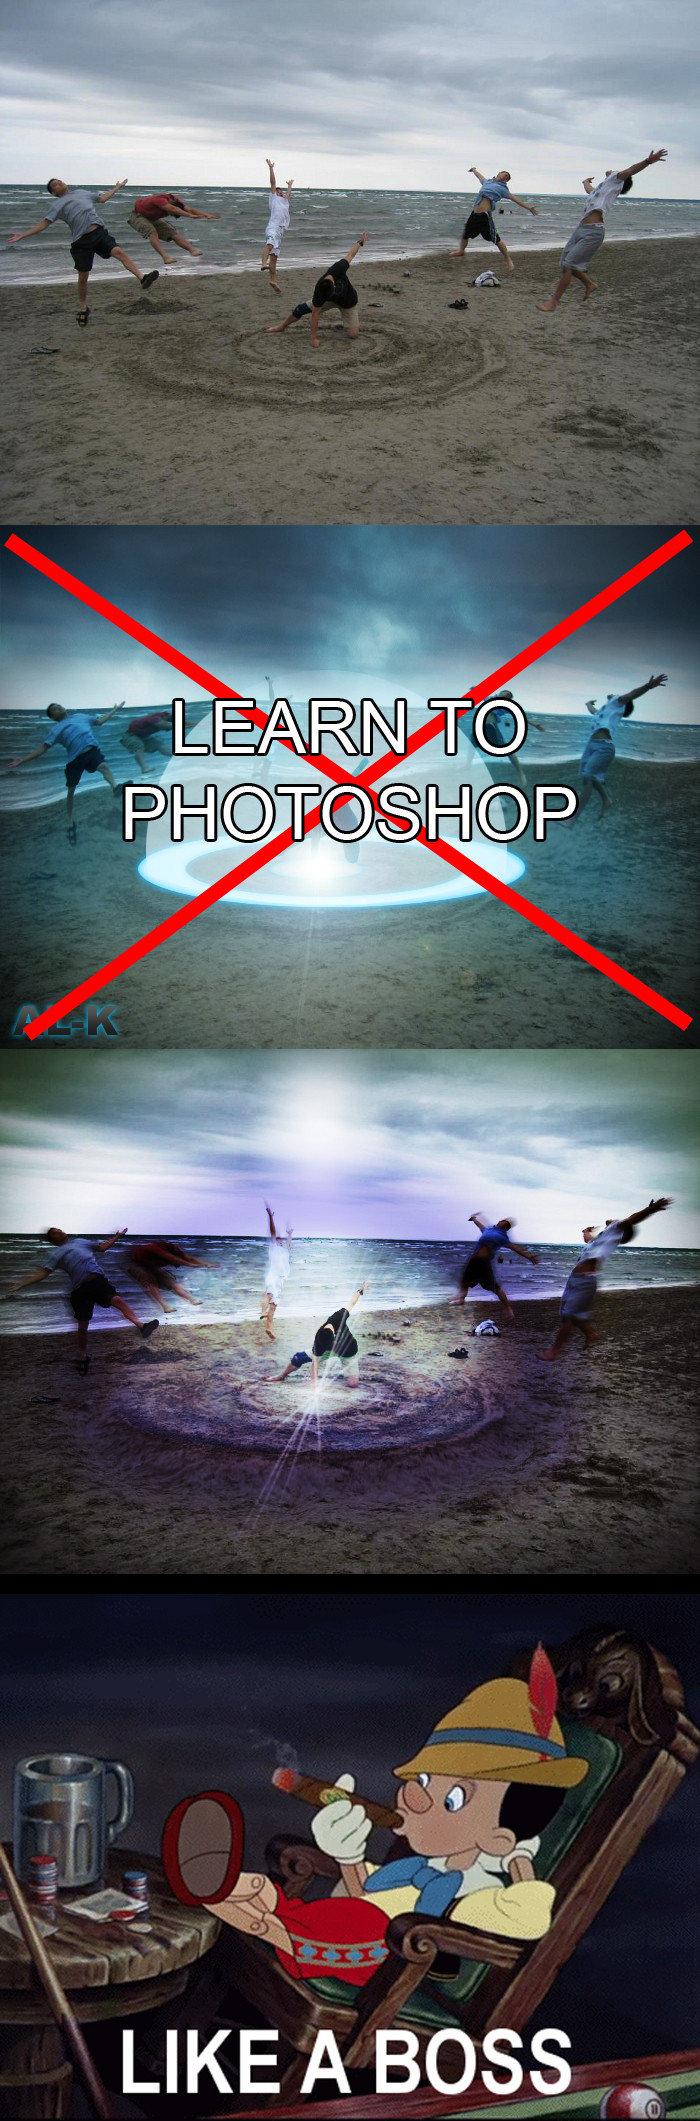 Photoshop, lik a boss. . LIKE A BOSS 'tlt?'. MS paint. nuff said